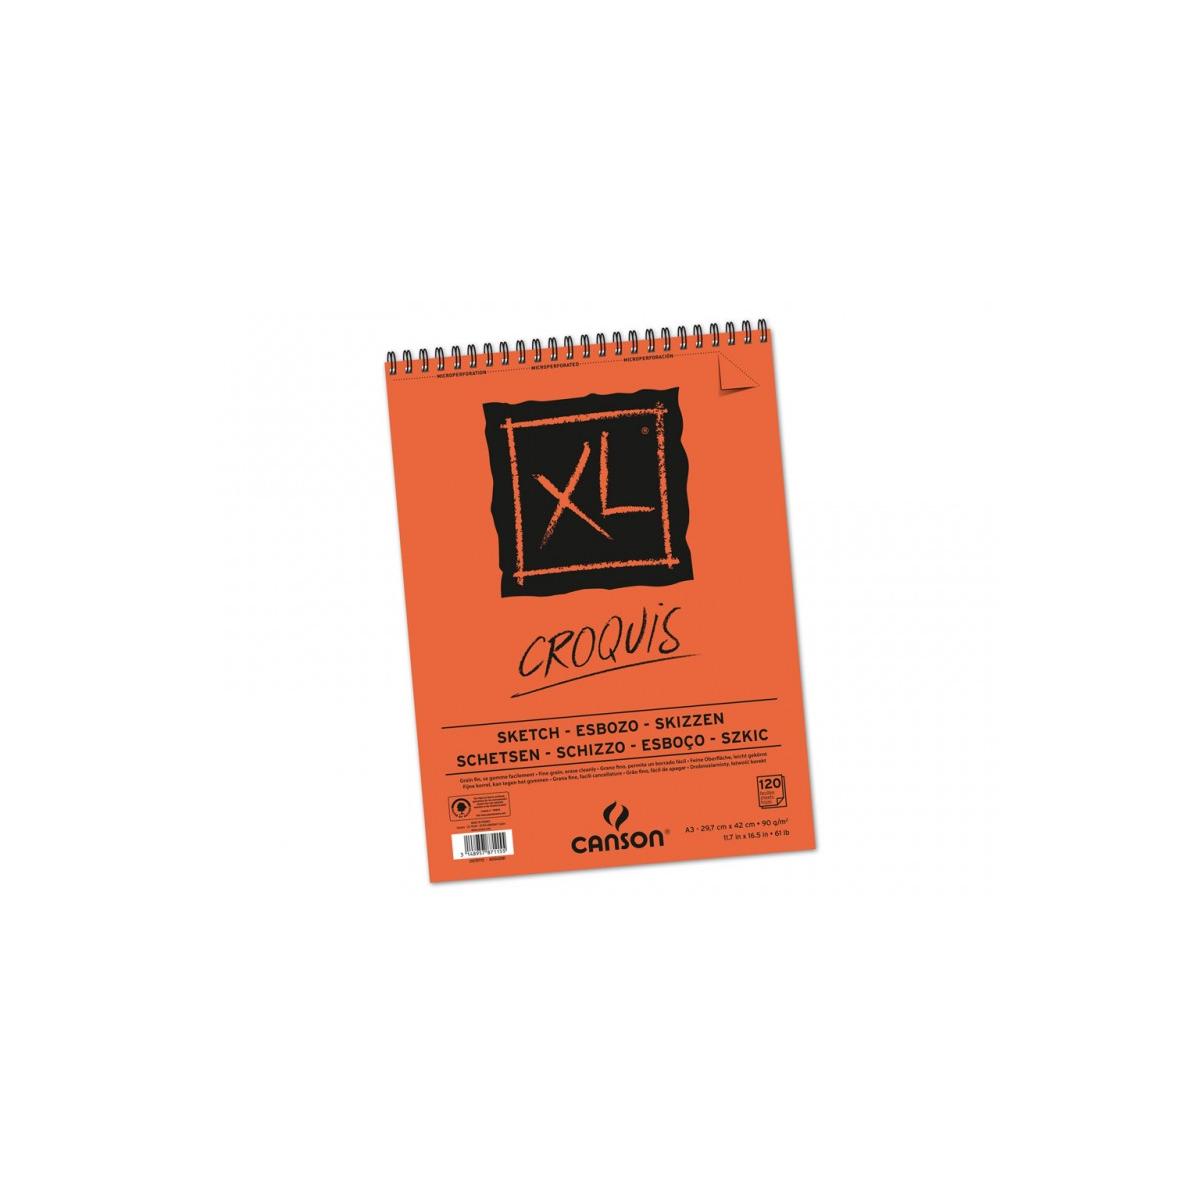 BLOC CANSON XL CROQUIS A4...